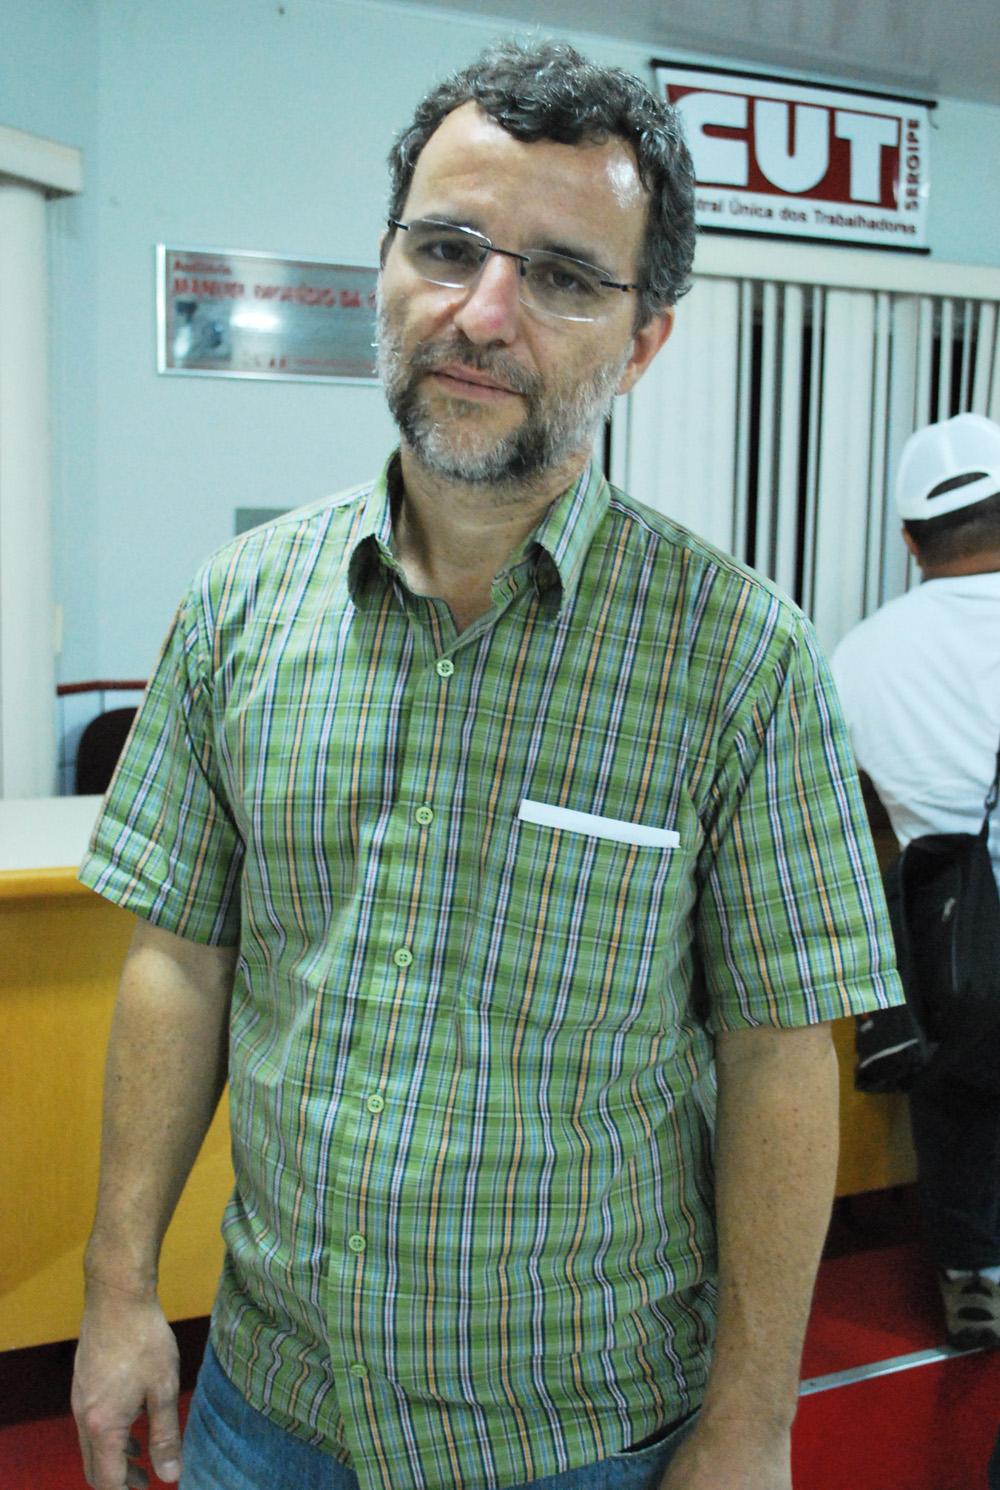 Valter Pomar, historiador, é dirigente nacional do PT e um das principais lideranças da Articulação de Esquerda, corrente interna do partido